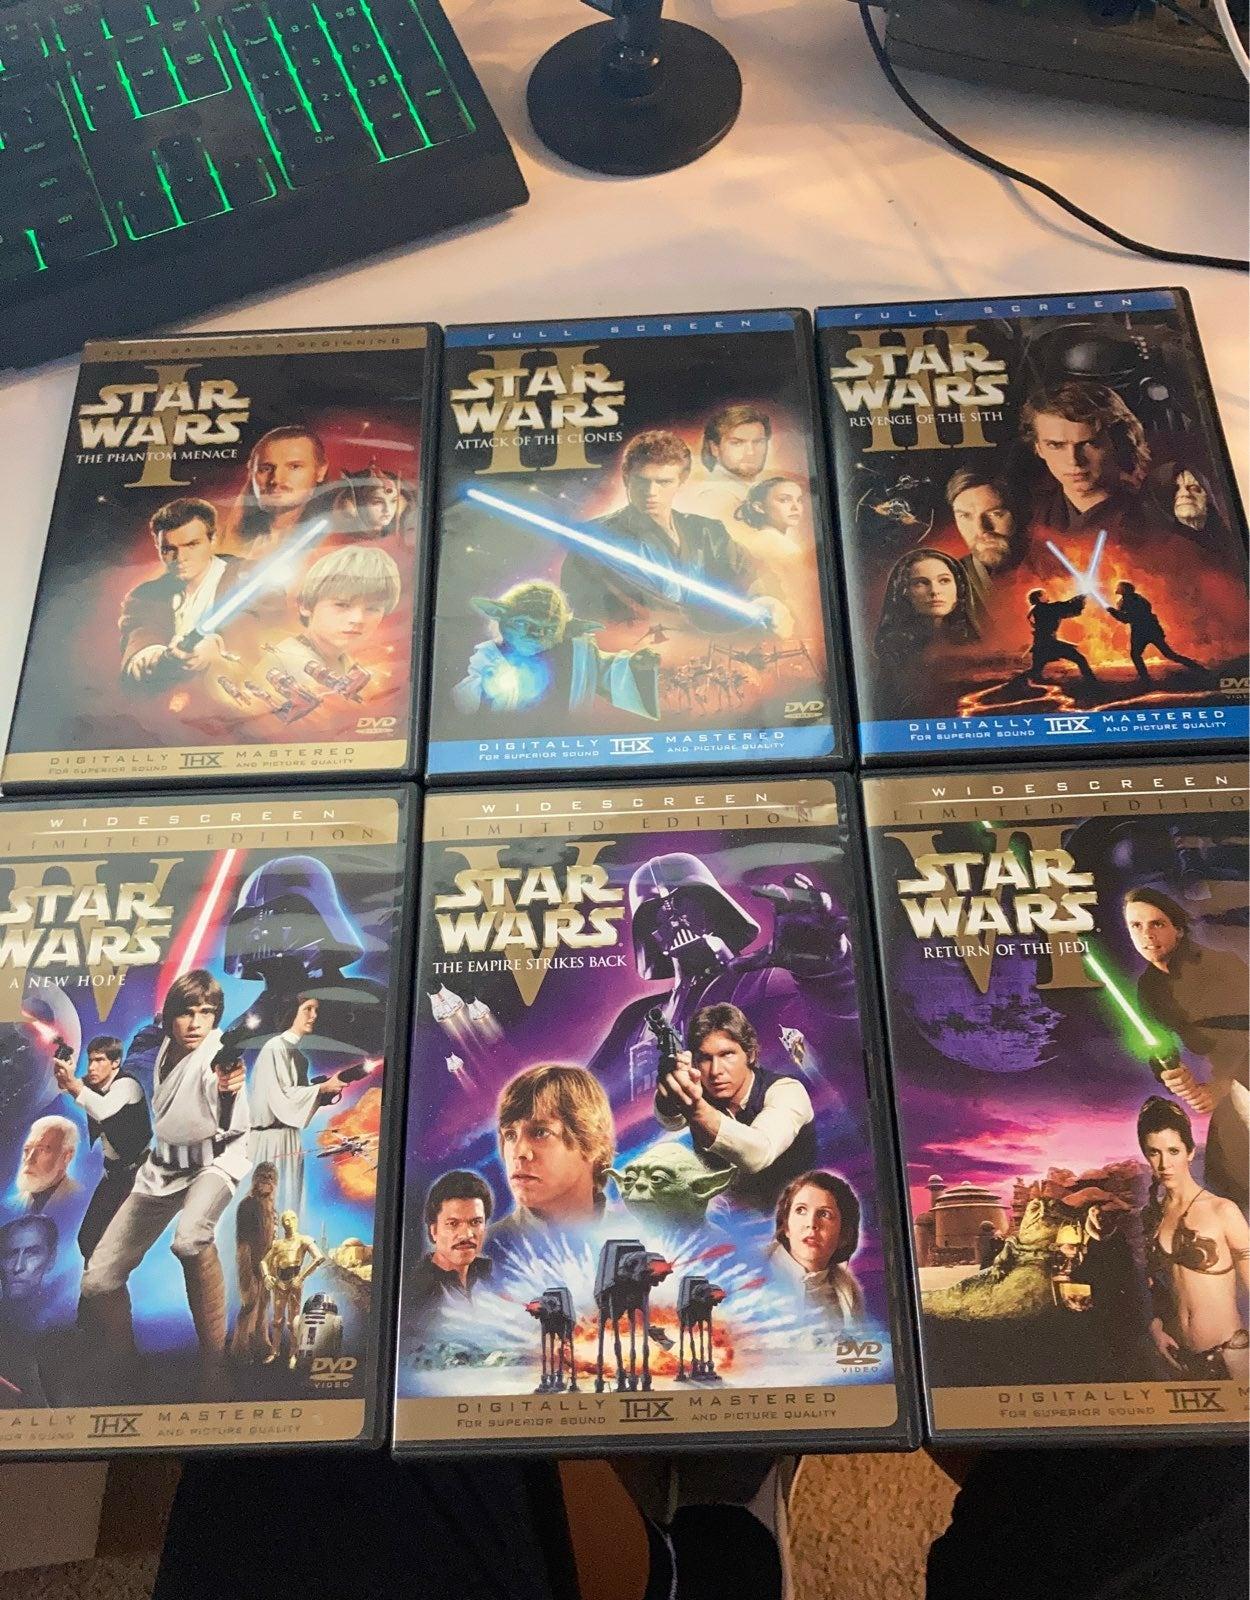 Star Wars DVD Movie episode 1-6